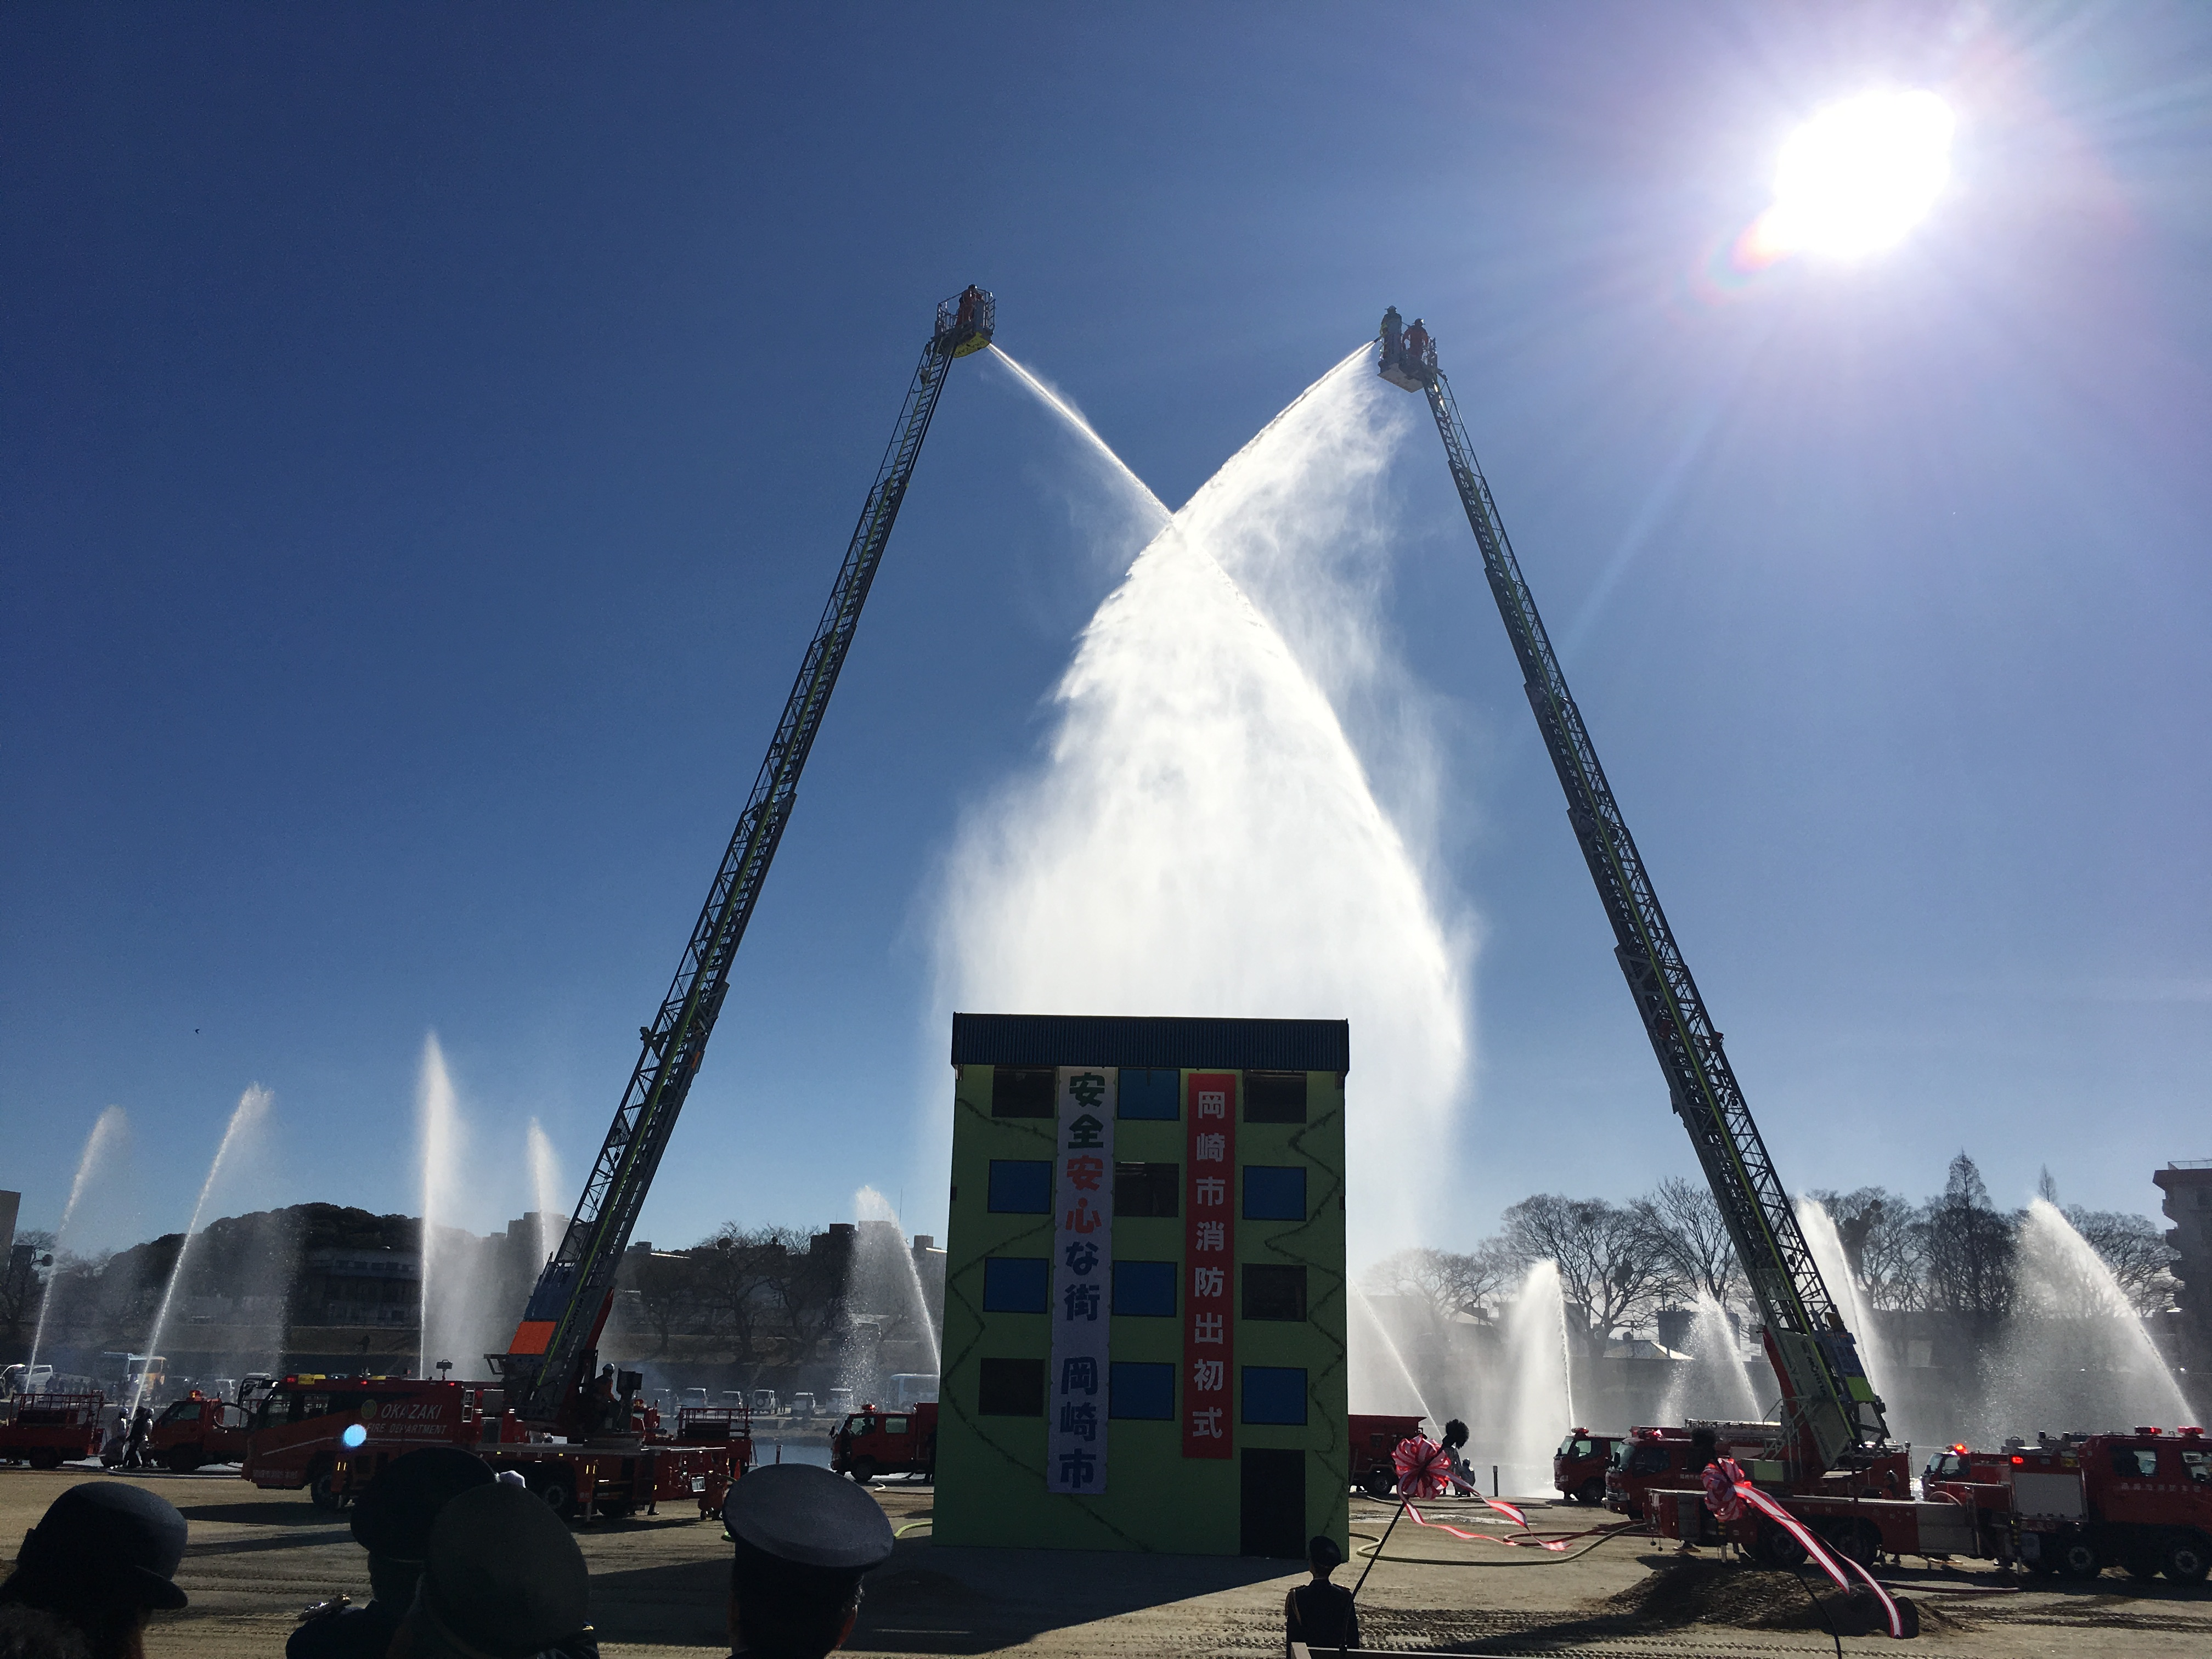 安心、安全の為にご活躍いただきありがたいと感じております。 つきぬけるような、素晴らしい晴天の下での開催で、多くの見学の方々もお越しいただきました。 消防団の皆様、お疲れ様でした。ありがとうございます。 #いそべ亮次 #岡﨑市議会議員